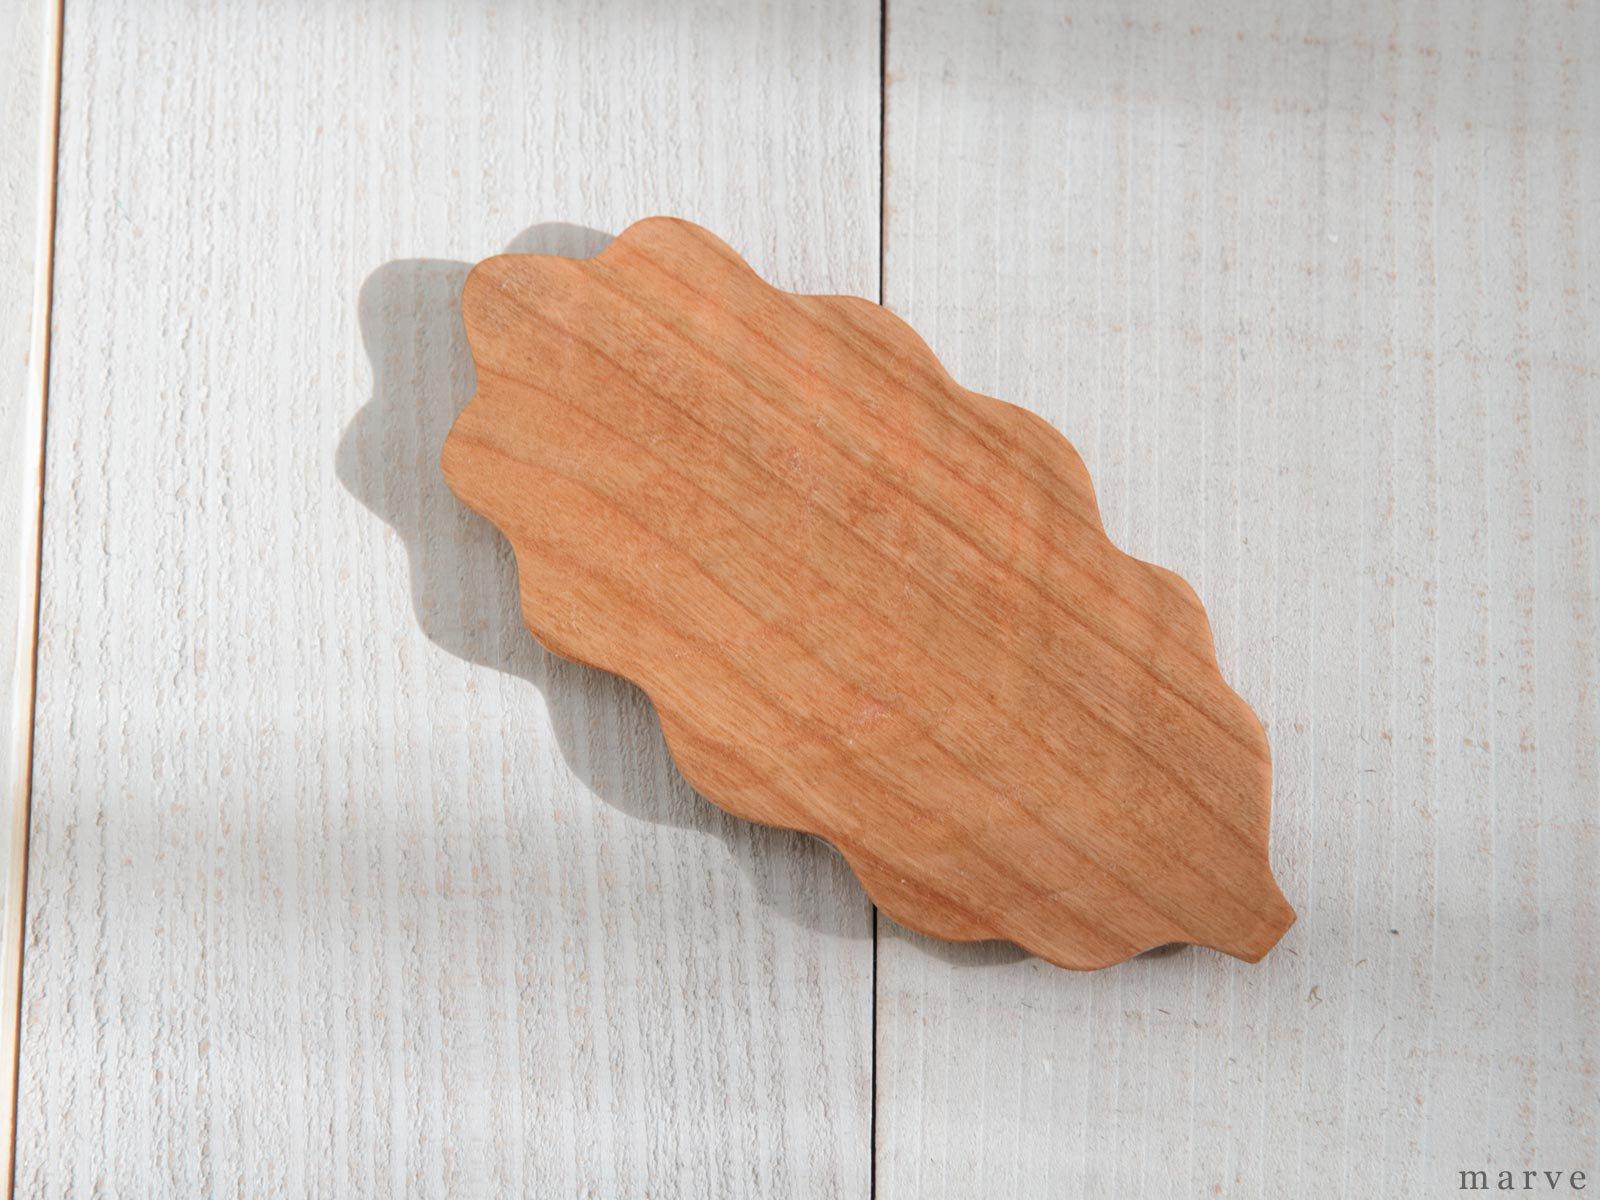 アトリエつみき屋 小さな葉っぱ皿 no.1